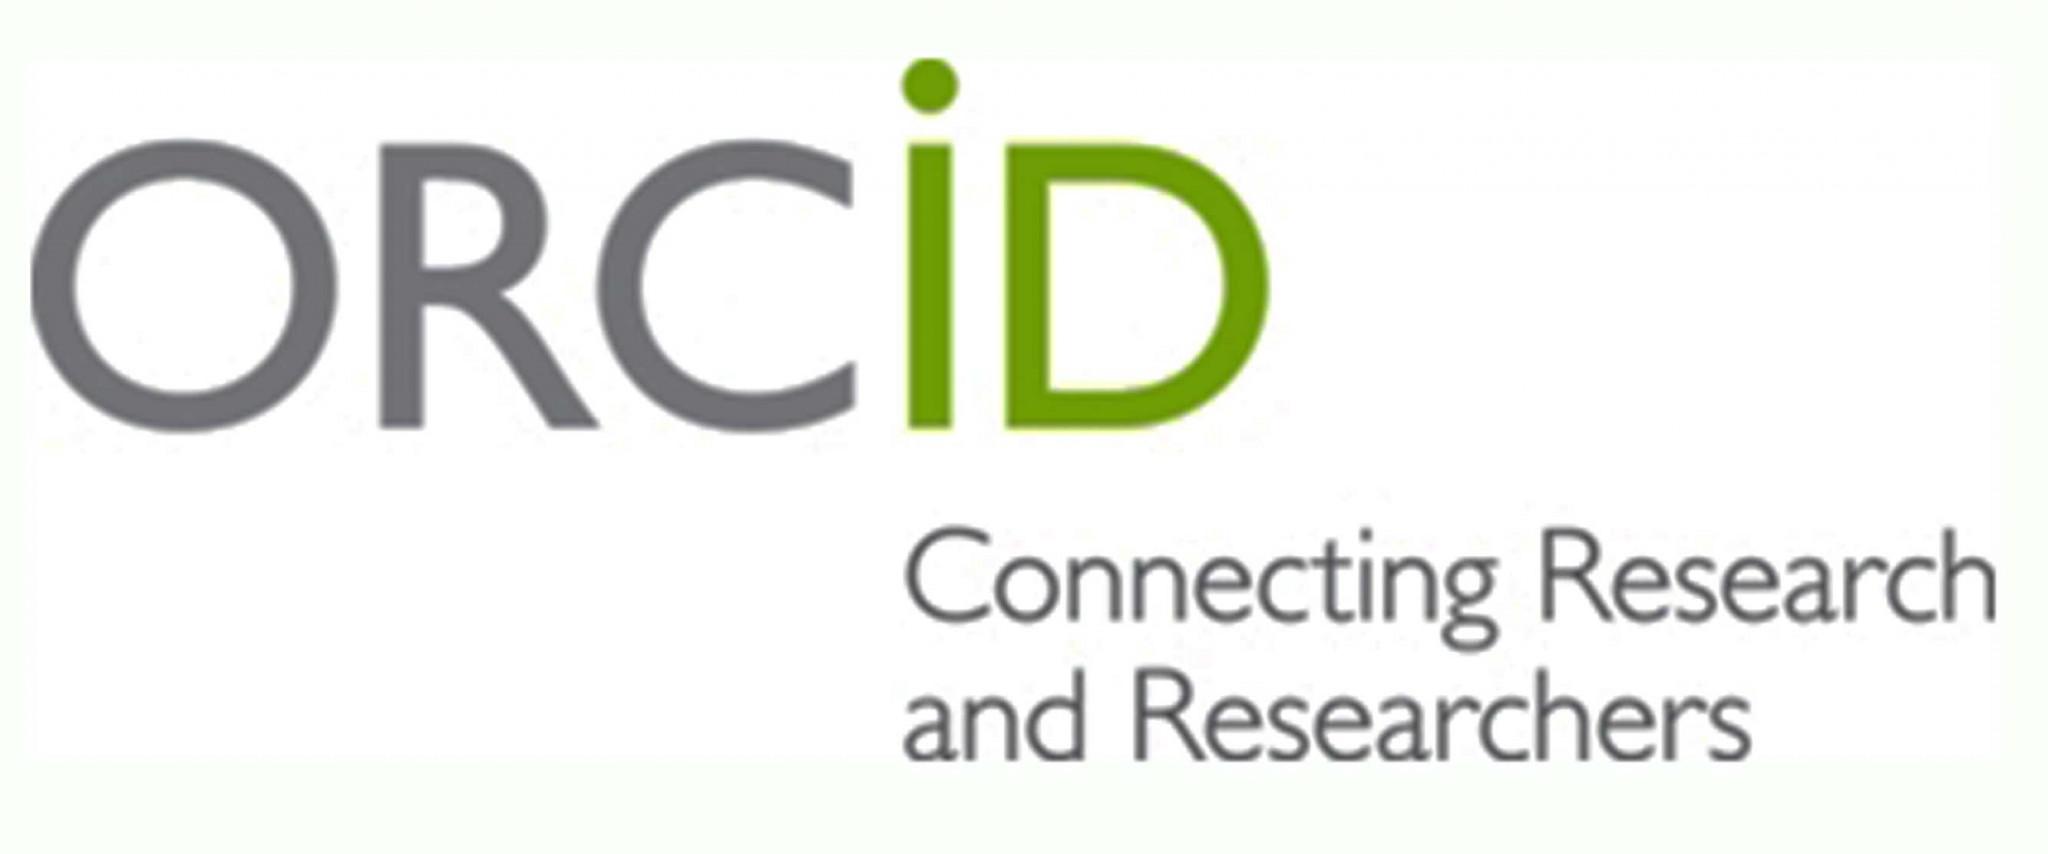 Orcid-logo1